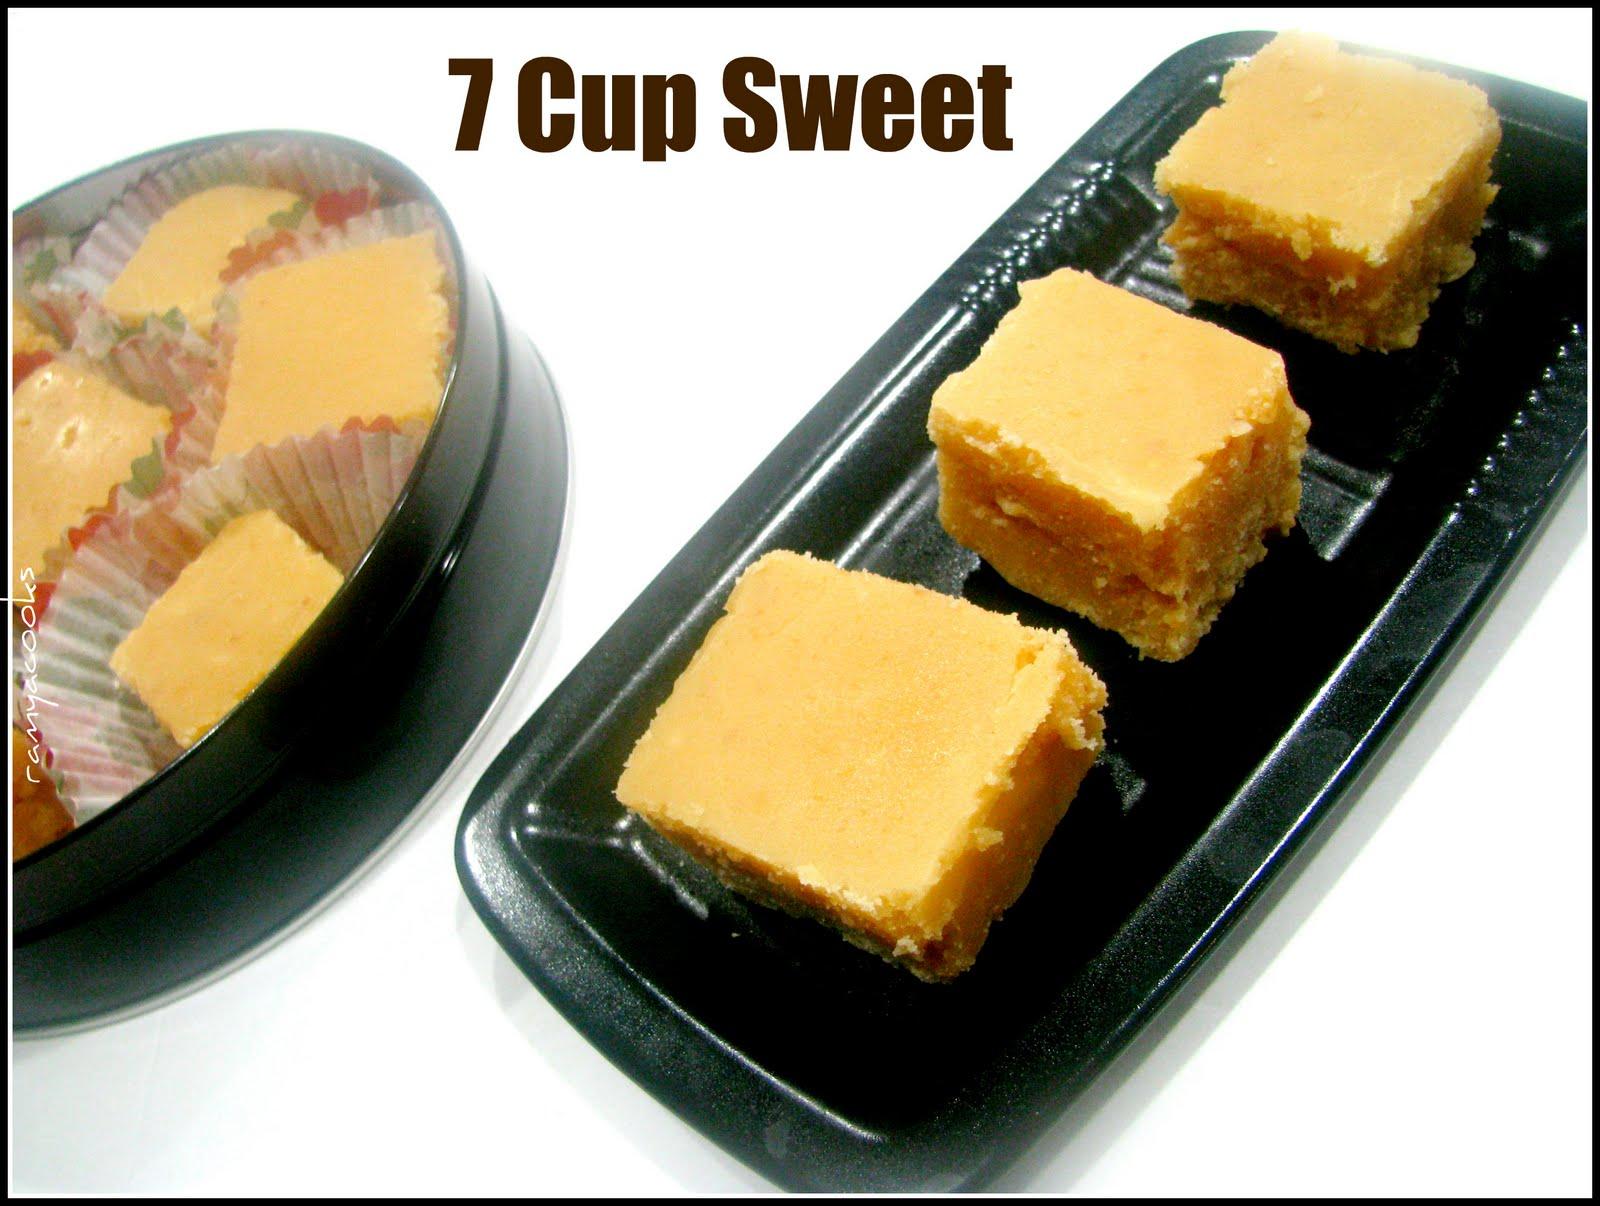 Cup Sweet / 7 Cup Burfi / 7 cup Cake - Indian Sweet recipe ...